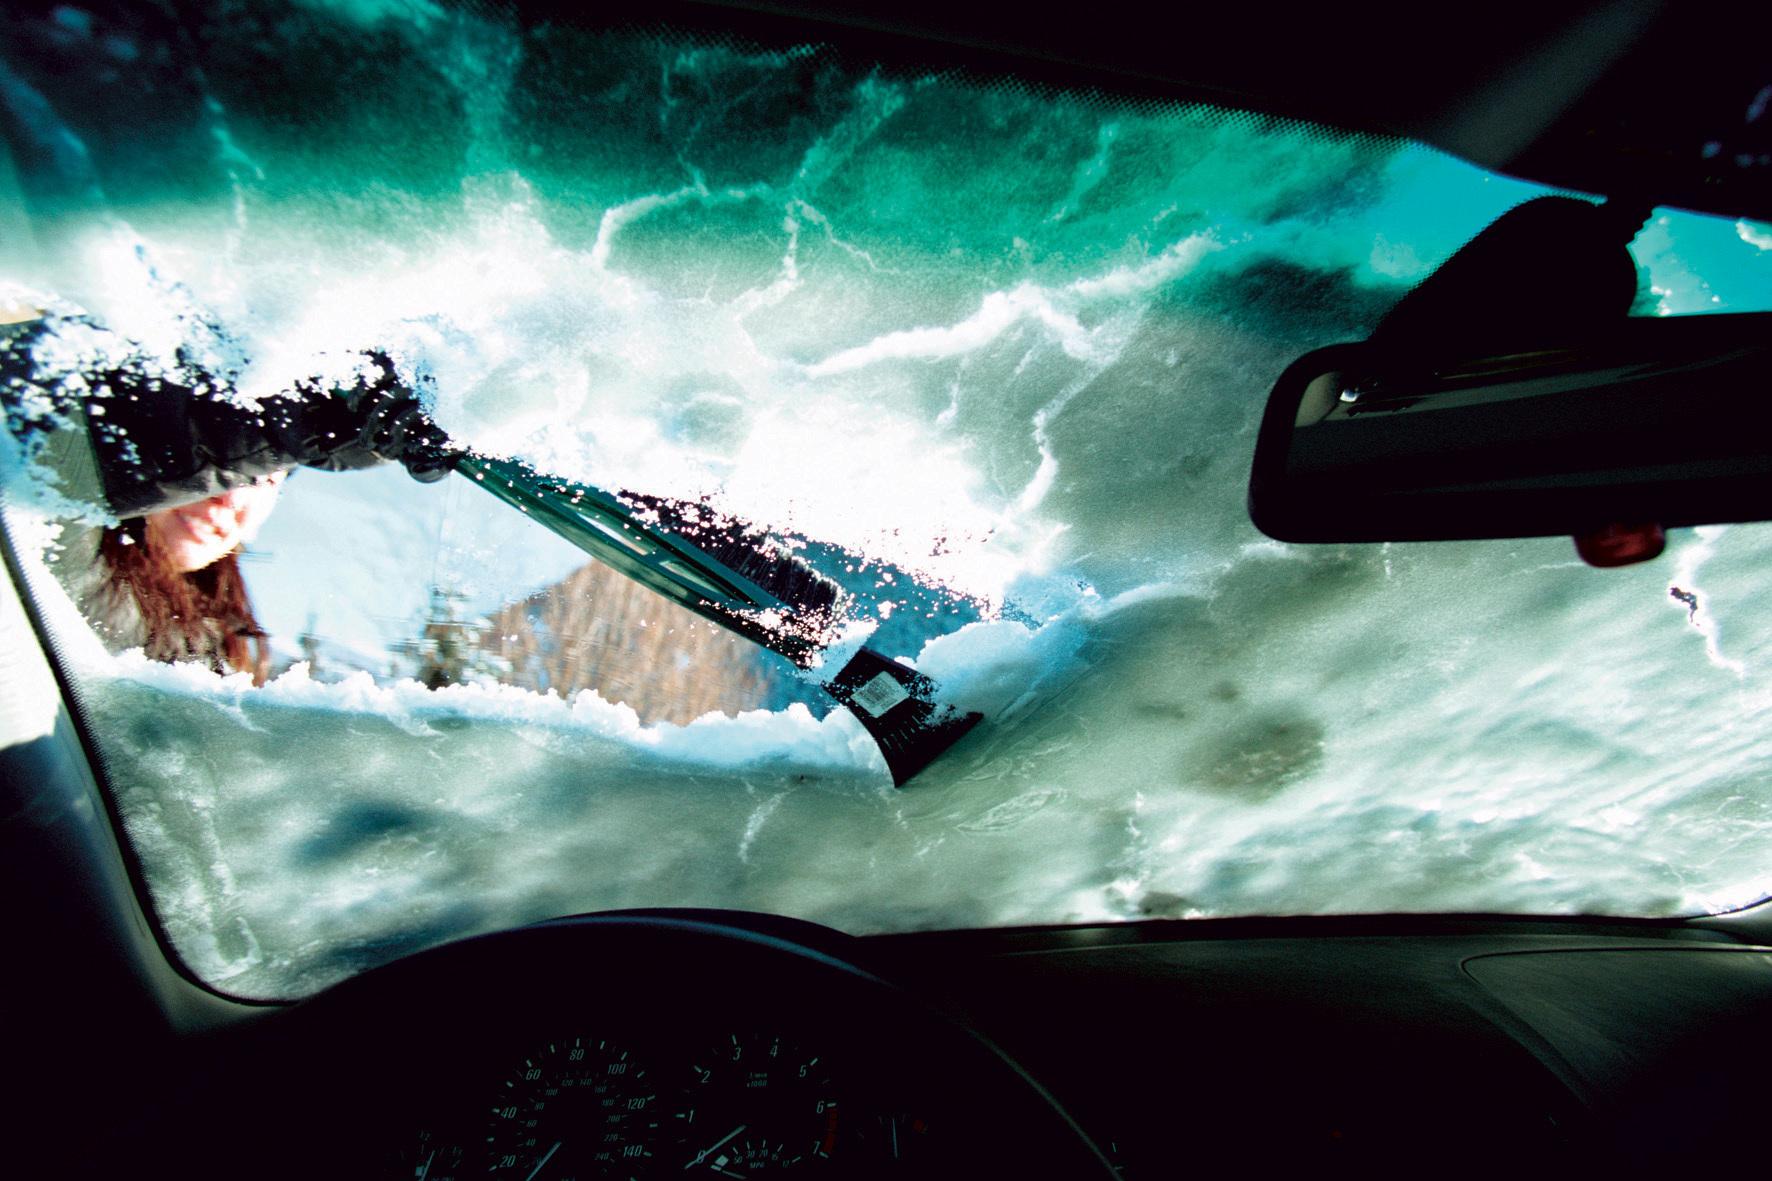 mid Düsseldorf - Beginnt der Wintertag mit dem Befreien des Autos von Eis und Schnee, ist die morgendliche Laune bei vielen Autofahrern im Keller. Vorwärmsysteme leisten hier Schützenhilfe.